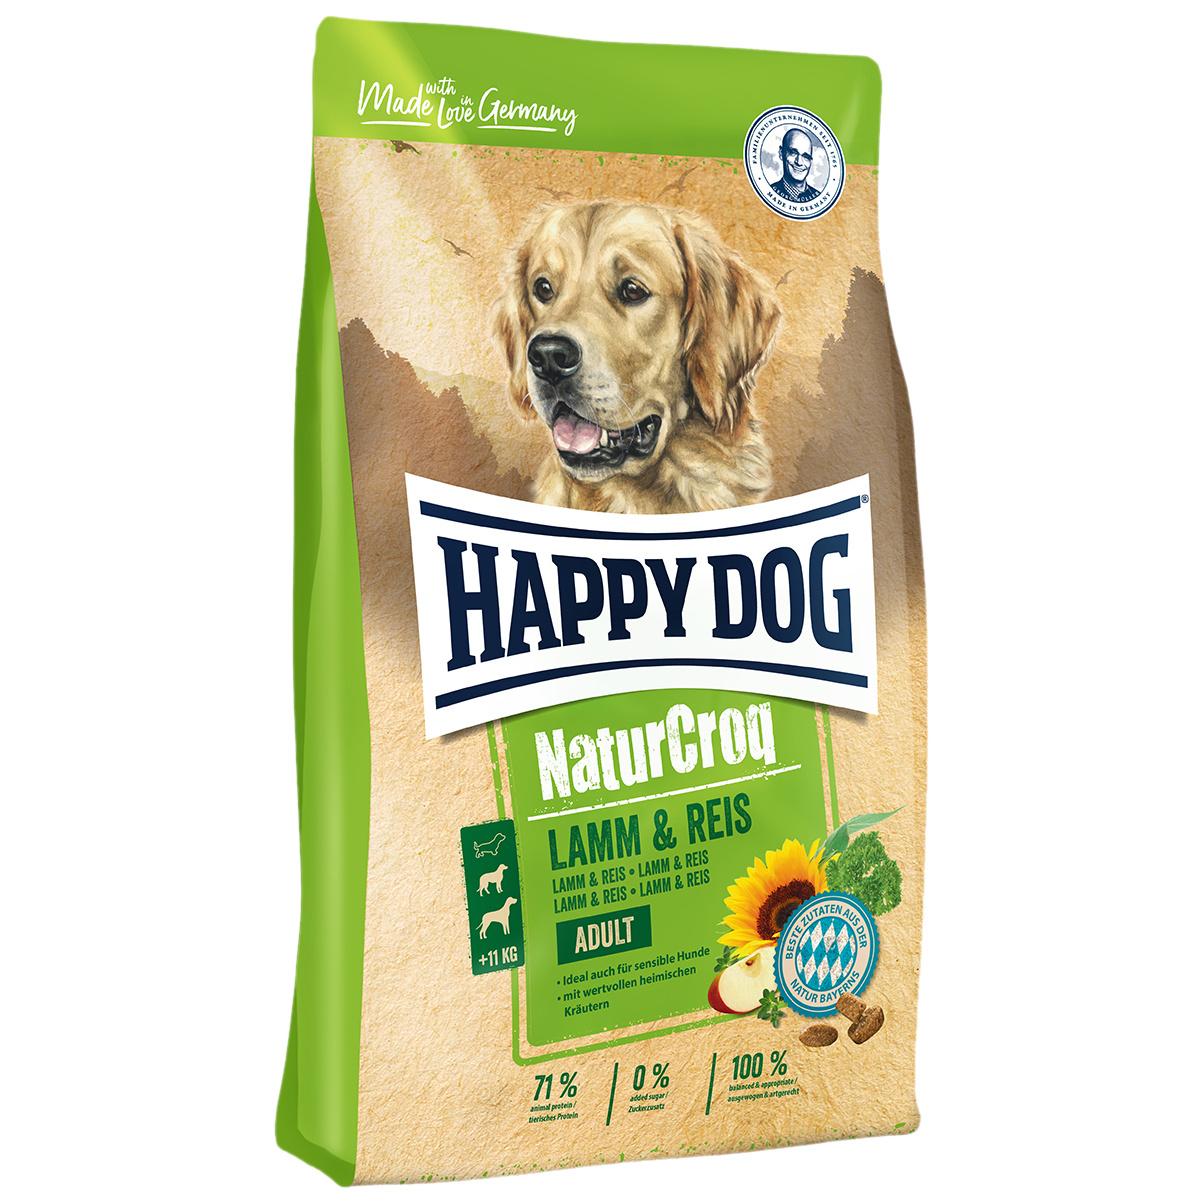 Миниатюра Сухой корм для собак Happy Dog NatureCroq Adult, ягненок, рис, 15кг №1